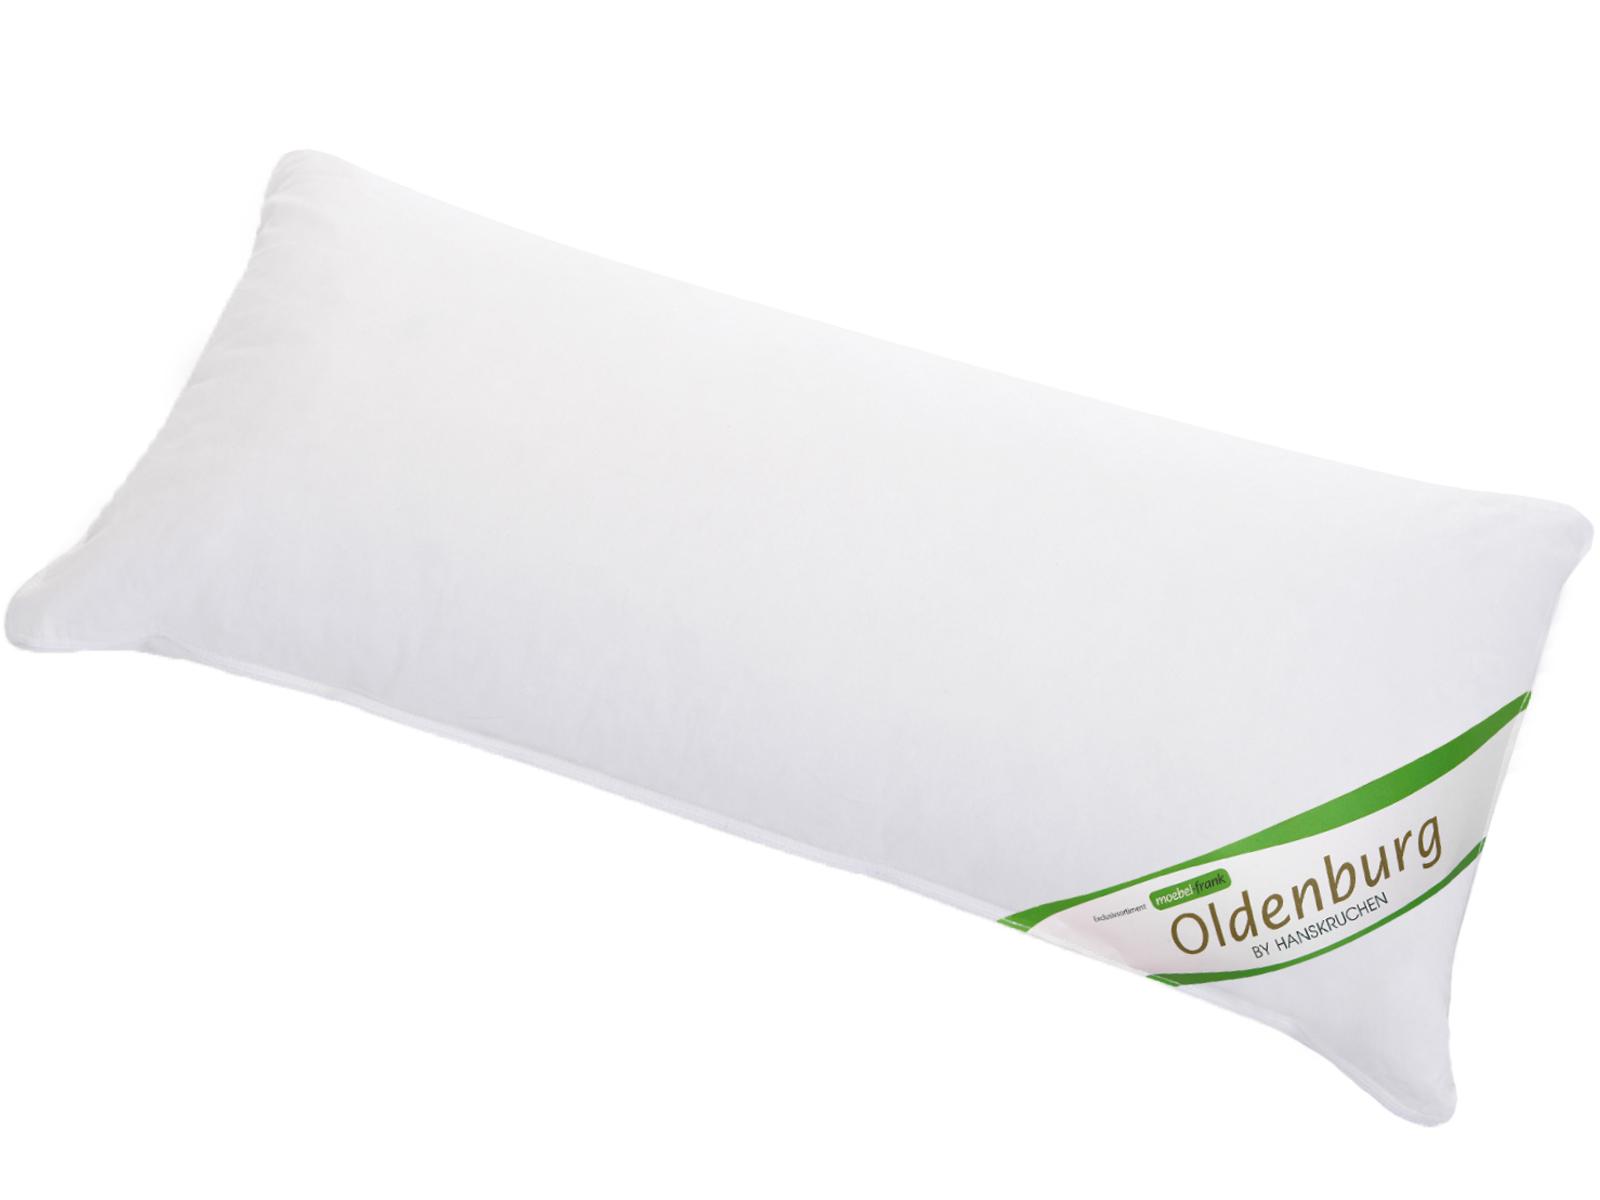 3-Kammer Kopfkissen neue weiße Landdaune und -federn Baumwolle Oldenburg 80x80cm und 40x80cm Hanskruchen – Bild 7